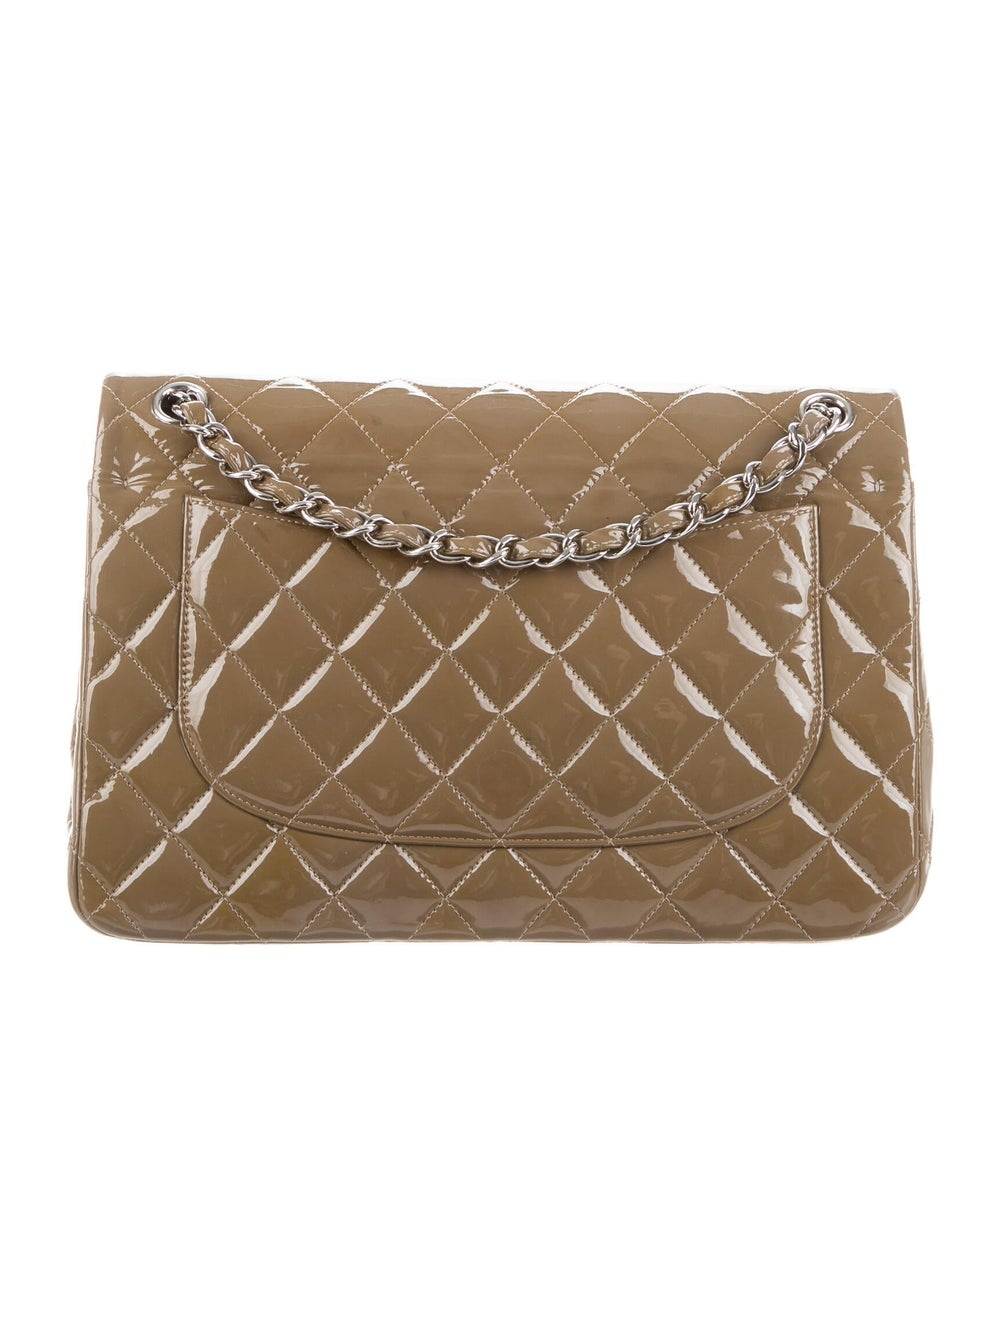 Chanel Classic Jumbo Double Flap Bag Brown - image 4